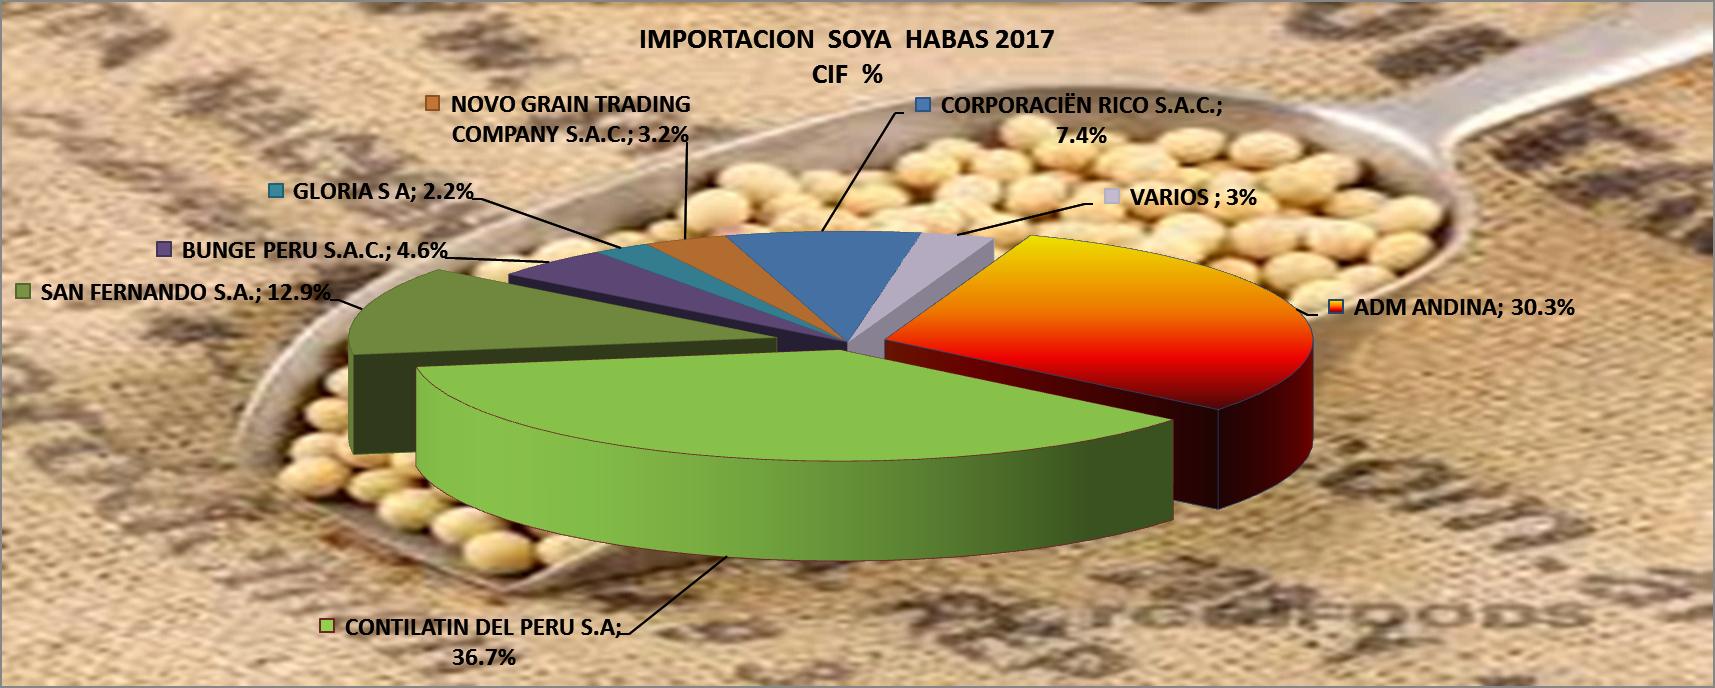 Soya Granos Perú Importación 2017 Mayo